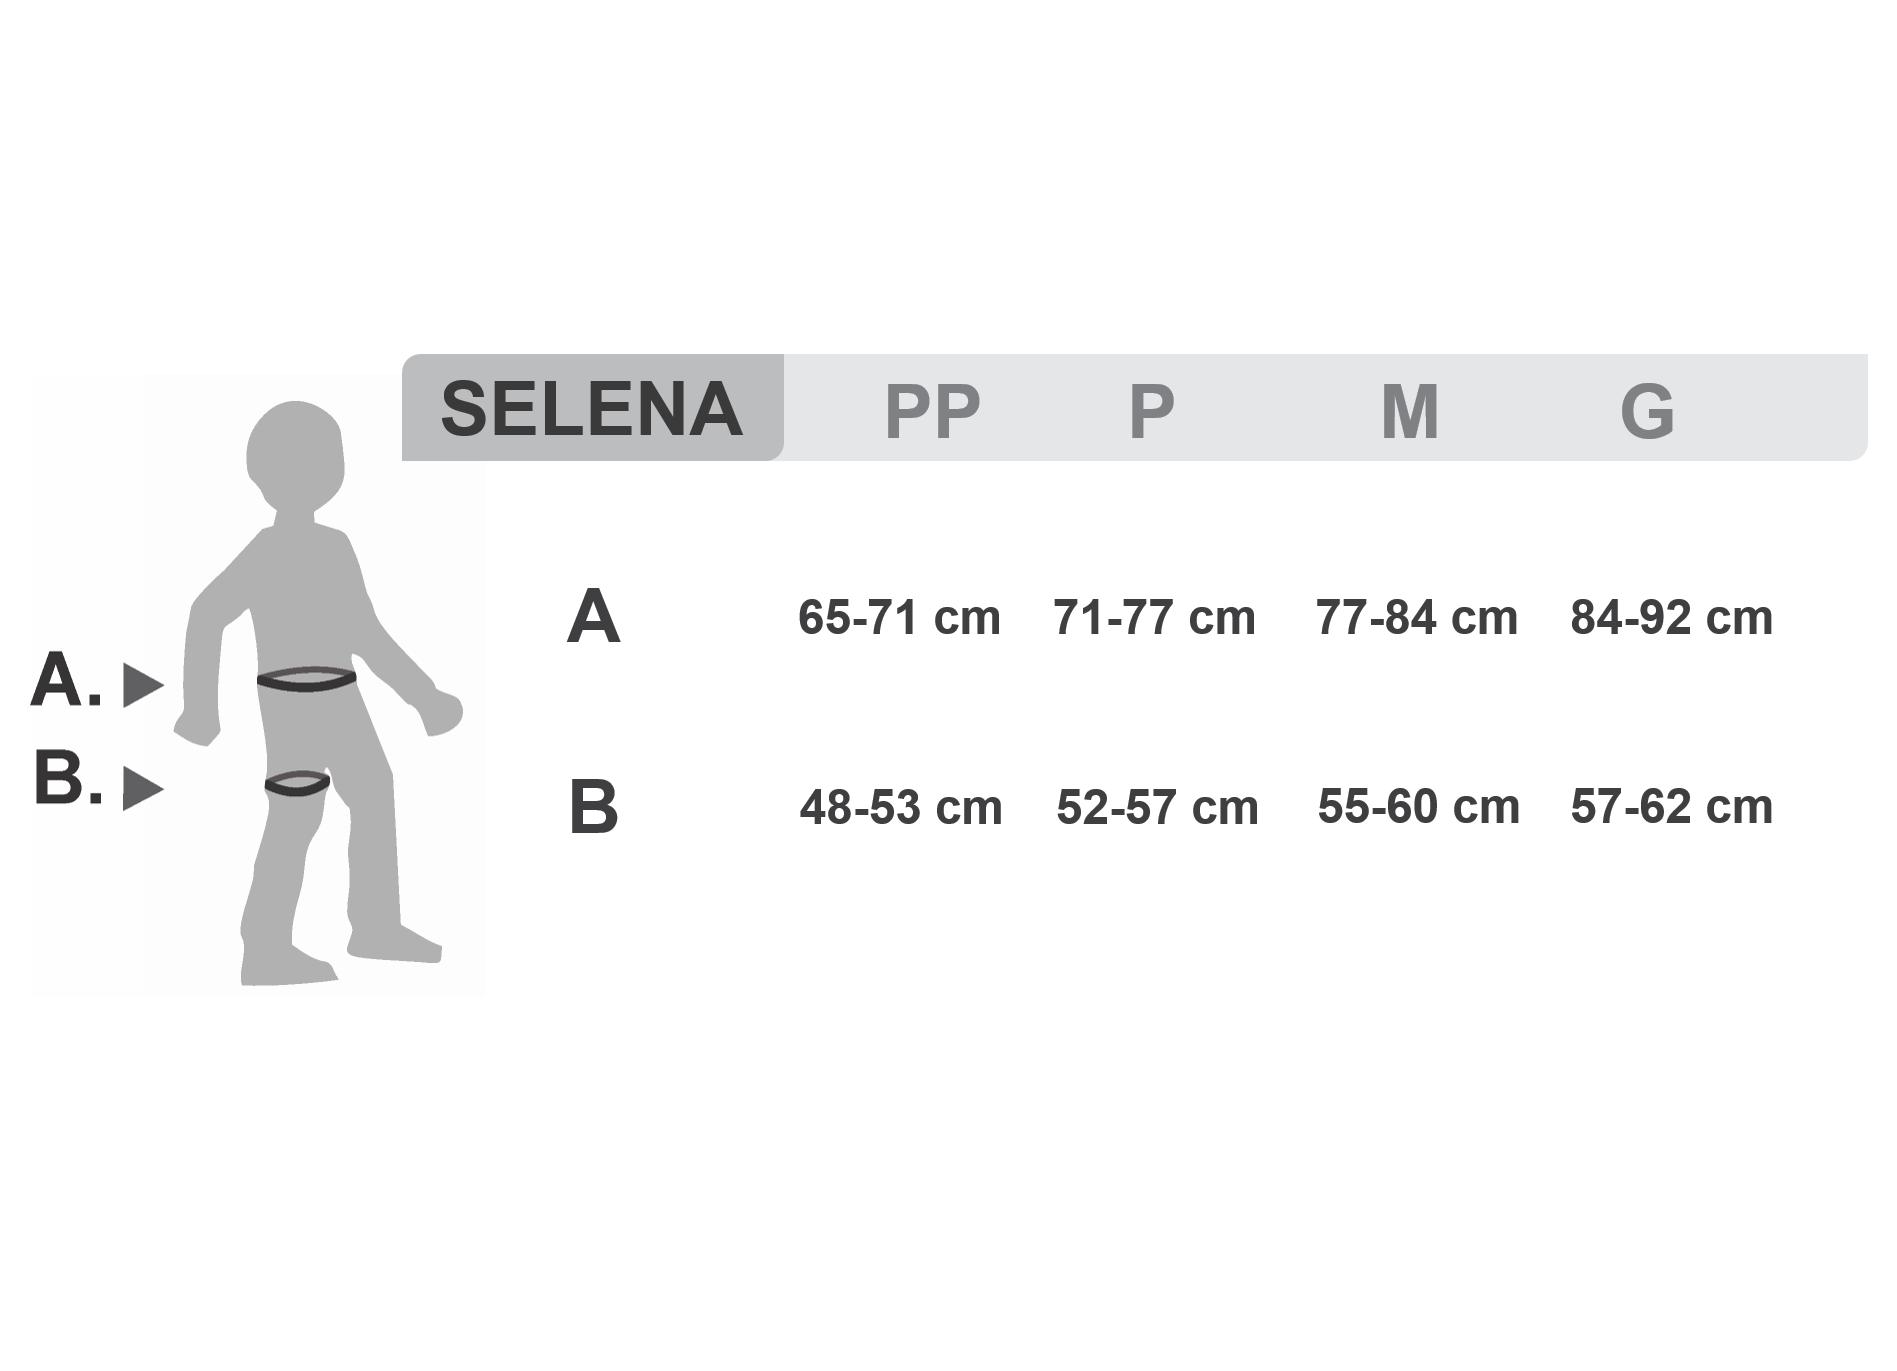 Selena - Cadeirinha Feminina para escalada Petzl